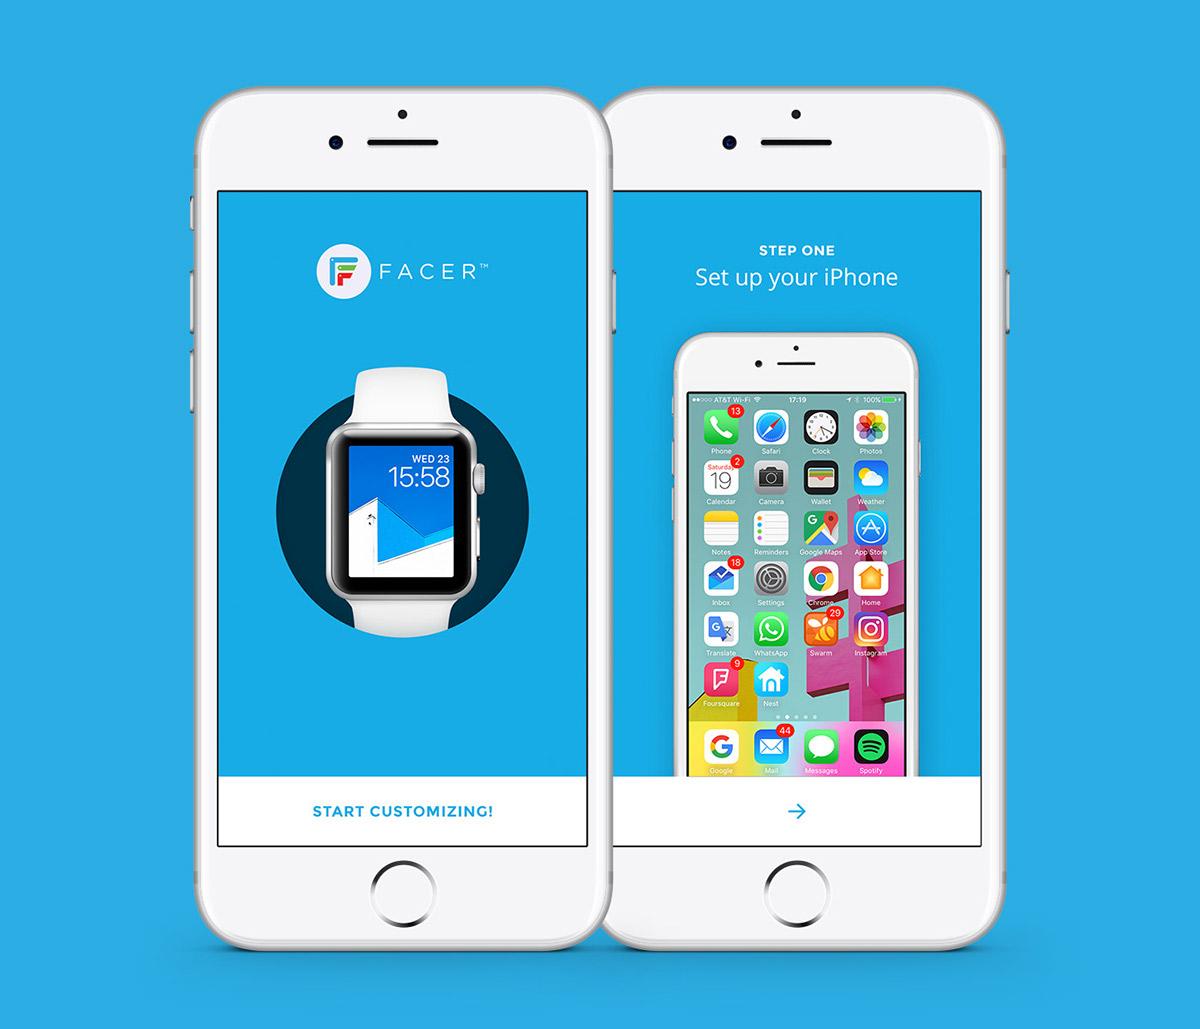 facer companion app